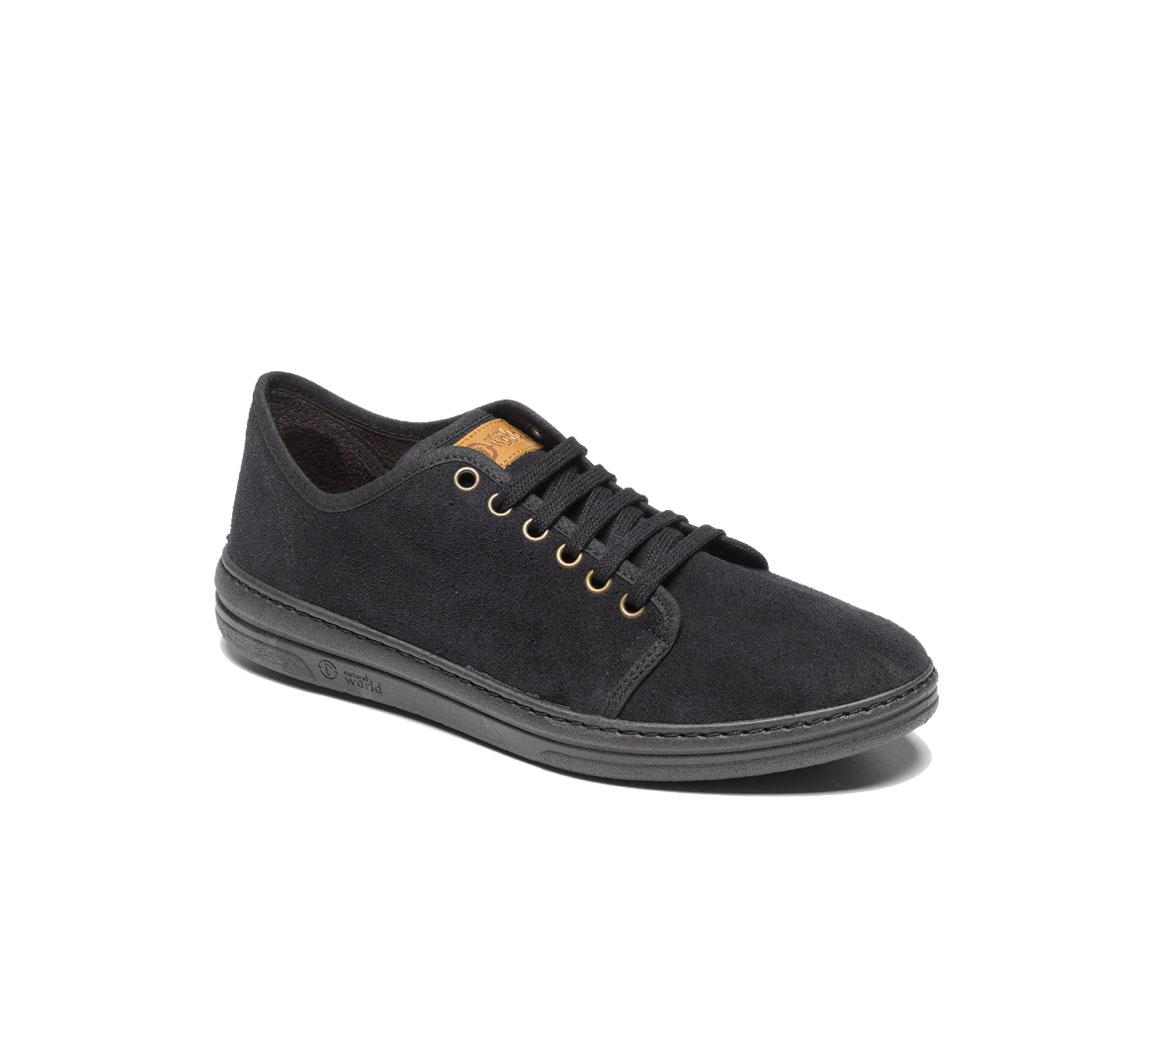 chaussure de ville homme en daim Deportivo Serraje Musli